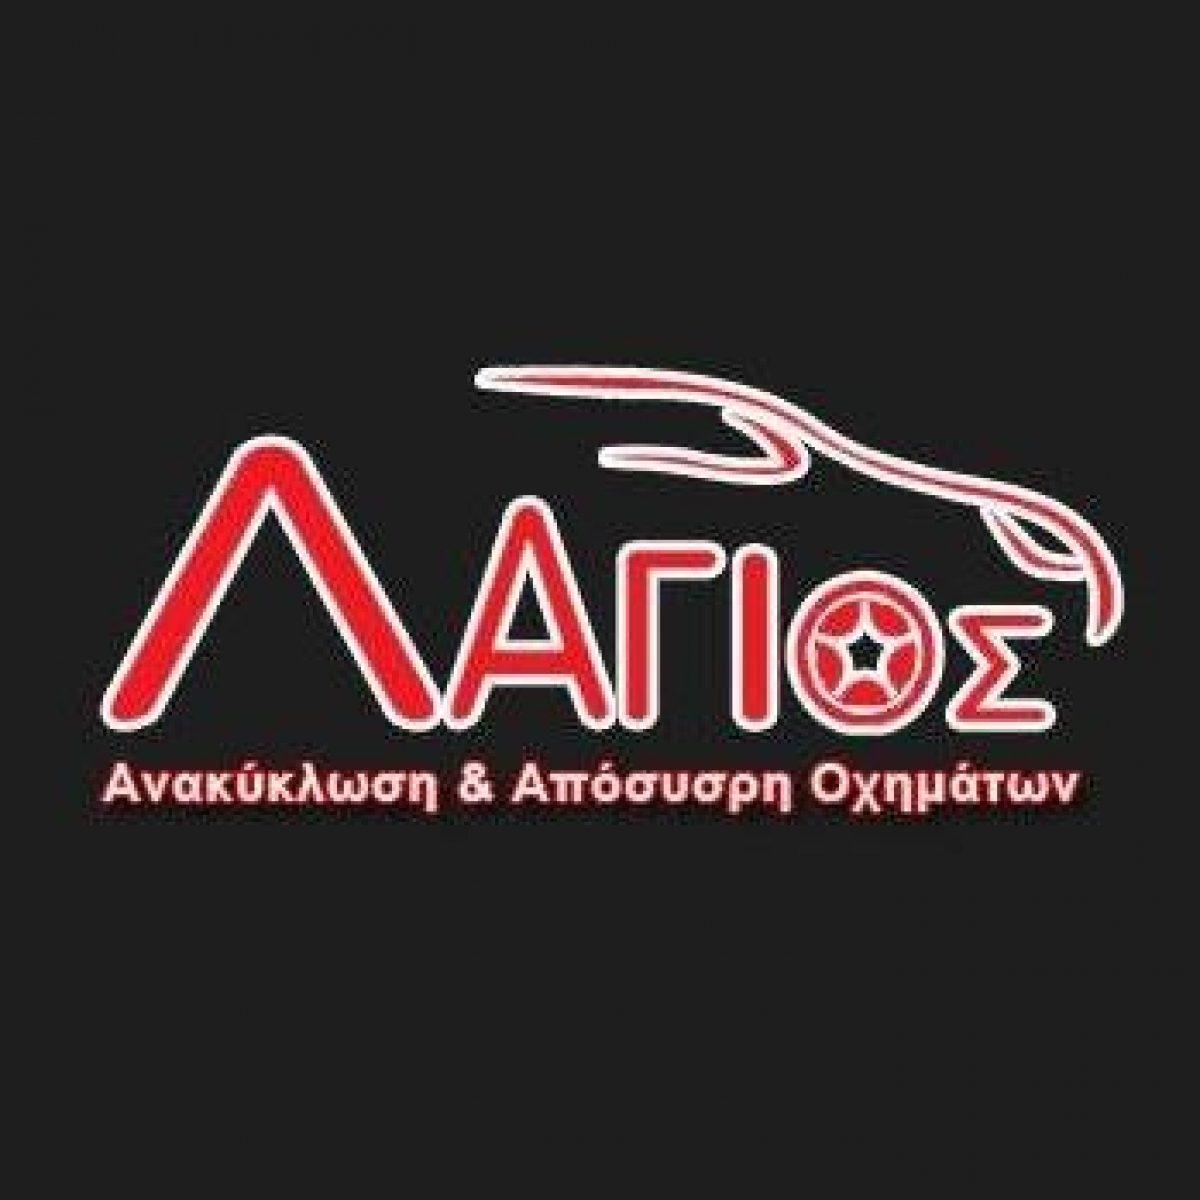 Σύλλας – Αναστασοπούλου: Έντονη παρουσία στο Ράλλυ Αχαιός